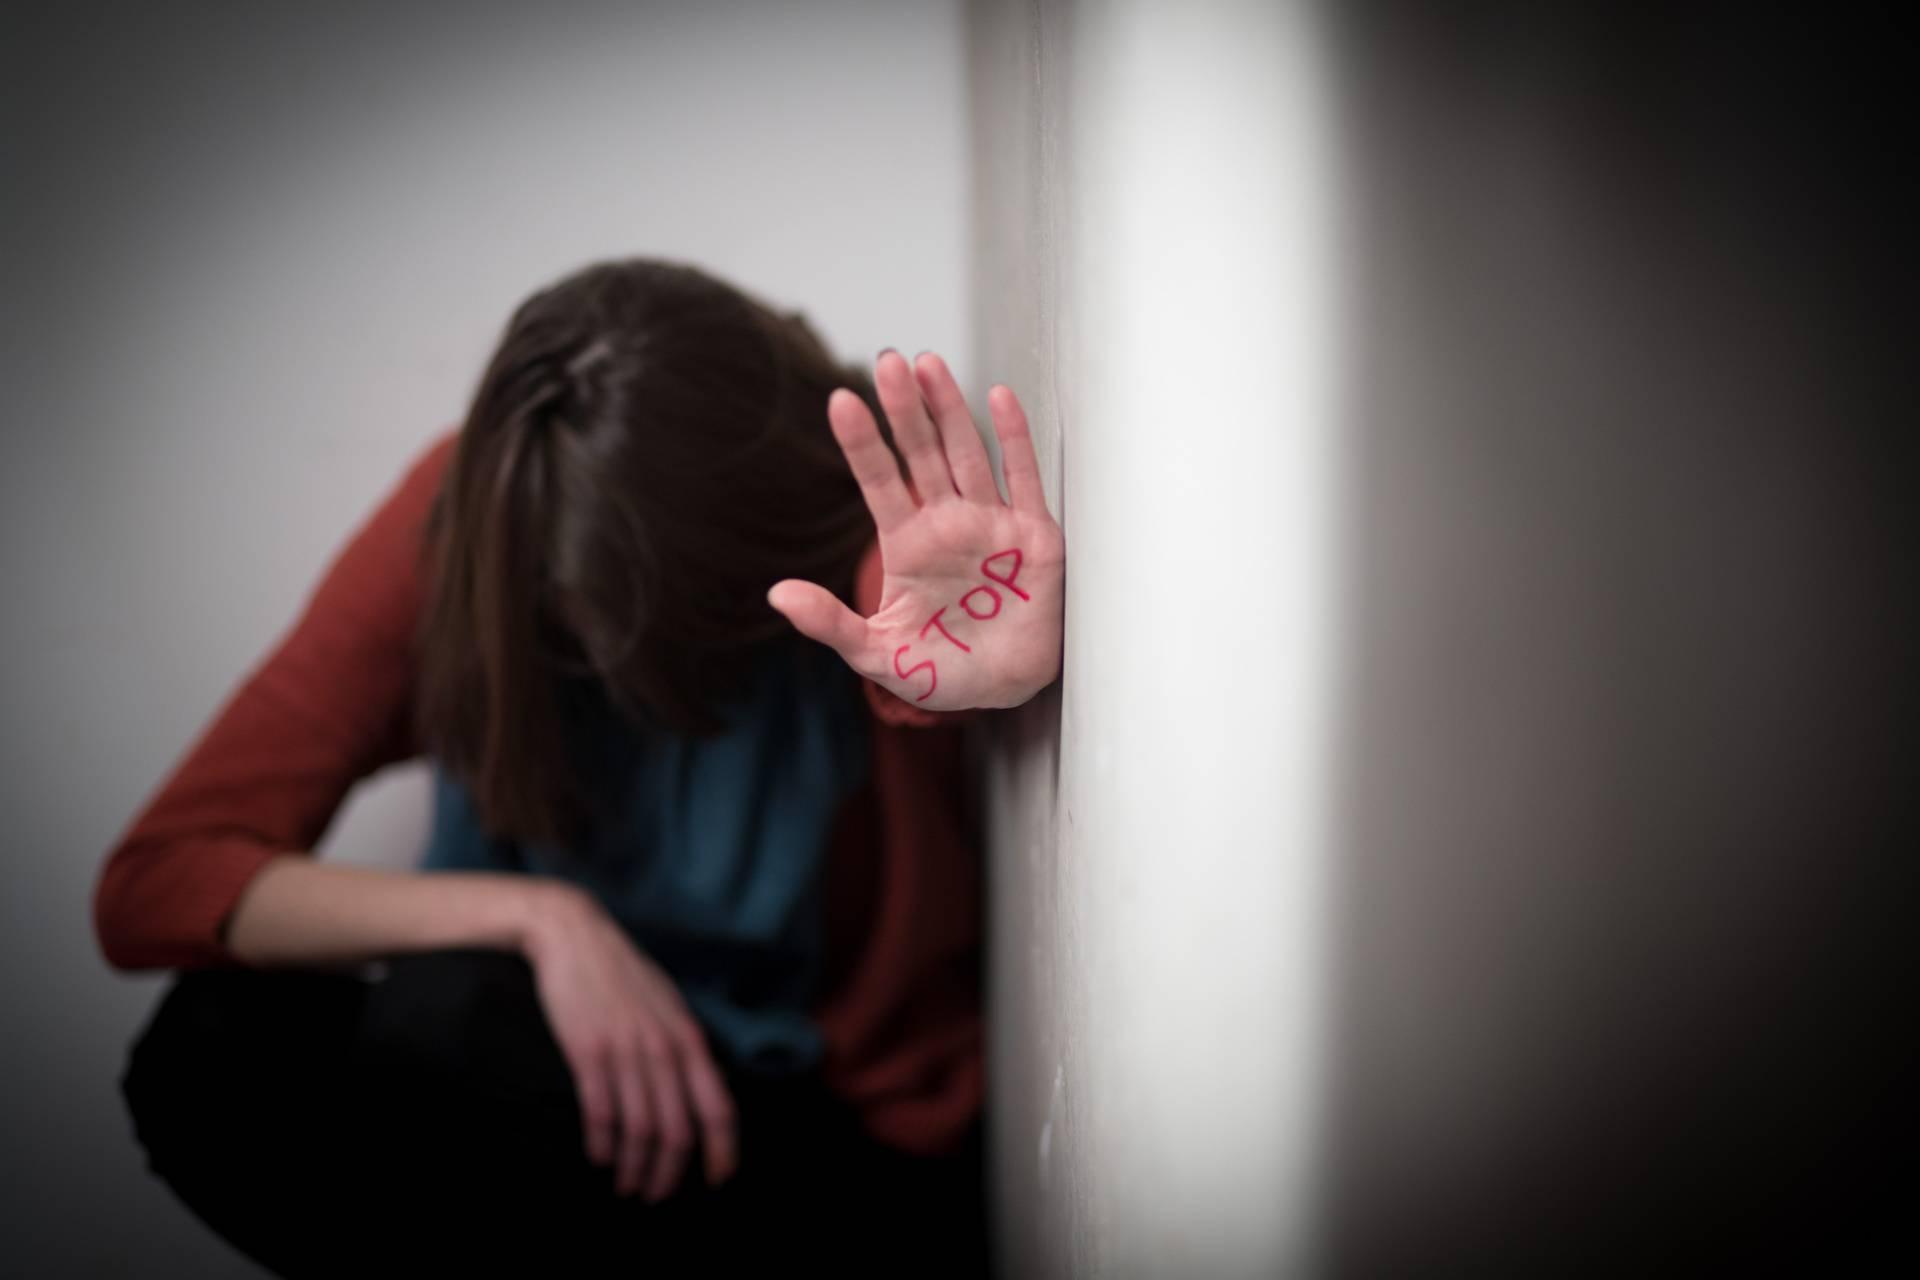 Ilustracija zlostavljanja žene